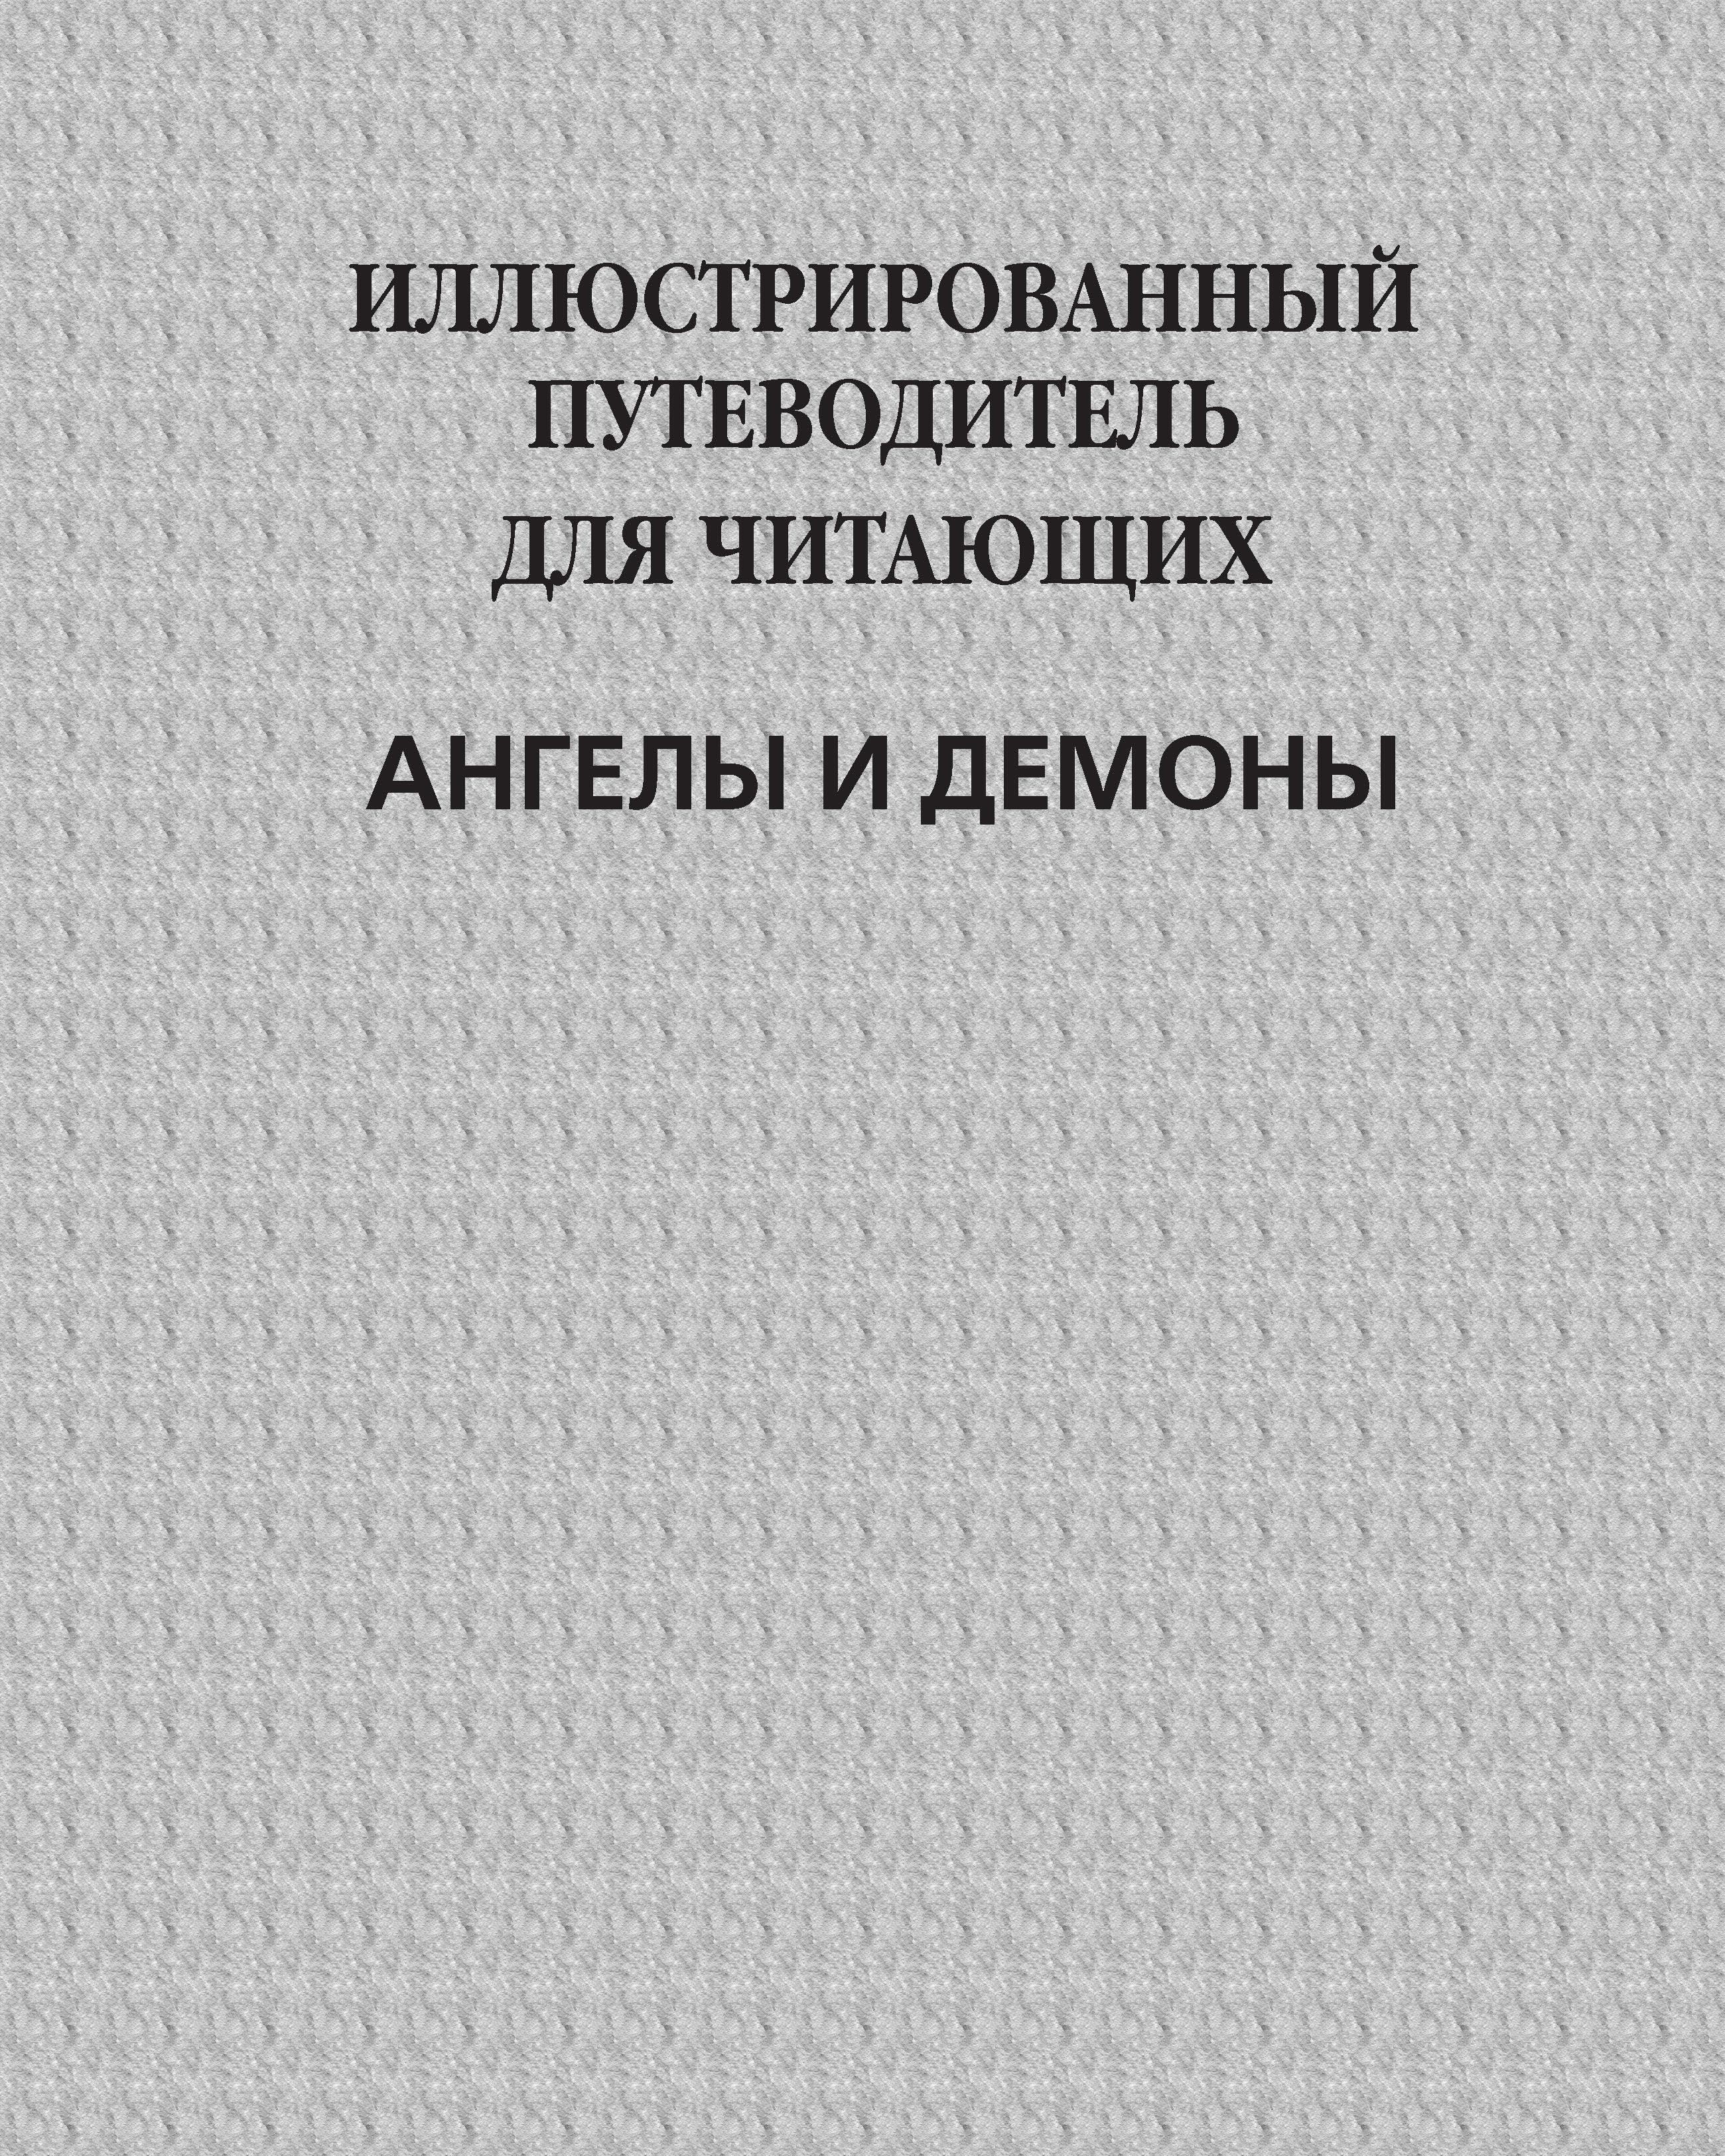 Купить книгу Иллюстрированный путеводитель для читающих «Ангелы и демоны», автора